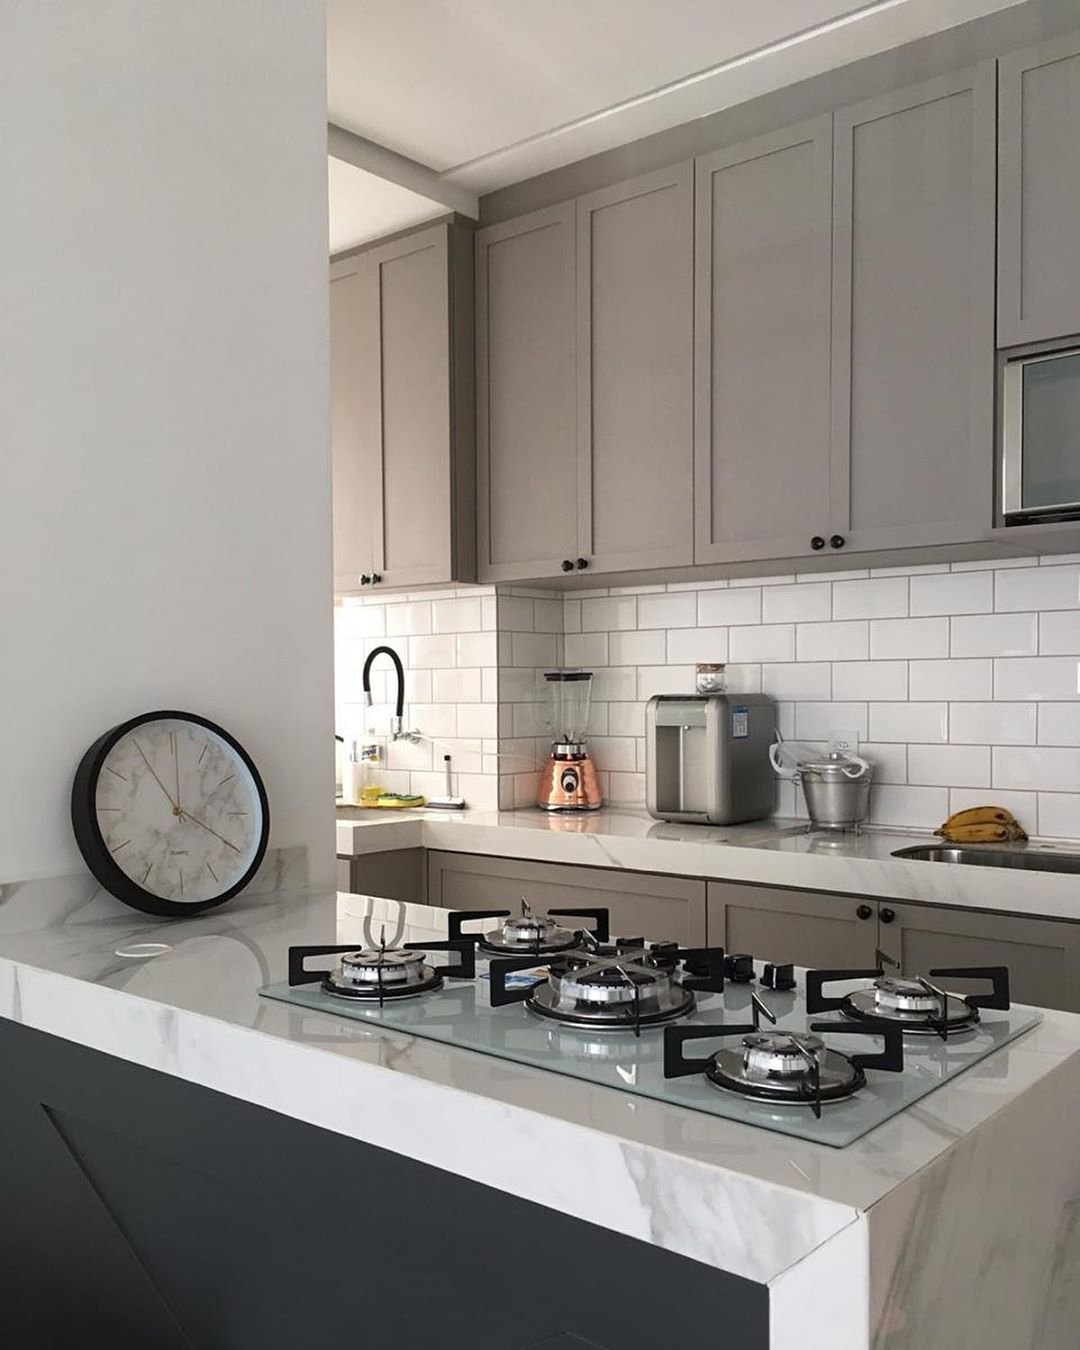 cozinha cinza e branco de apartamento